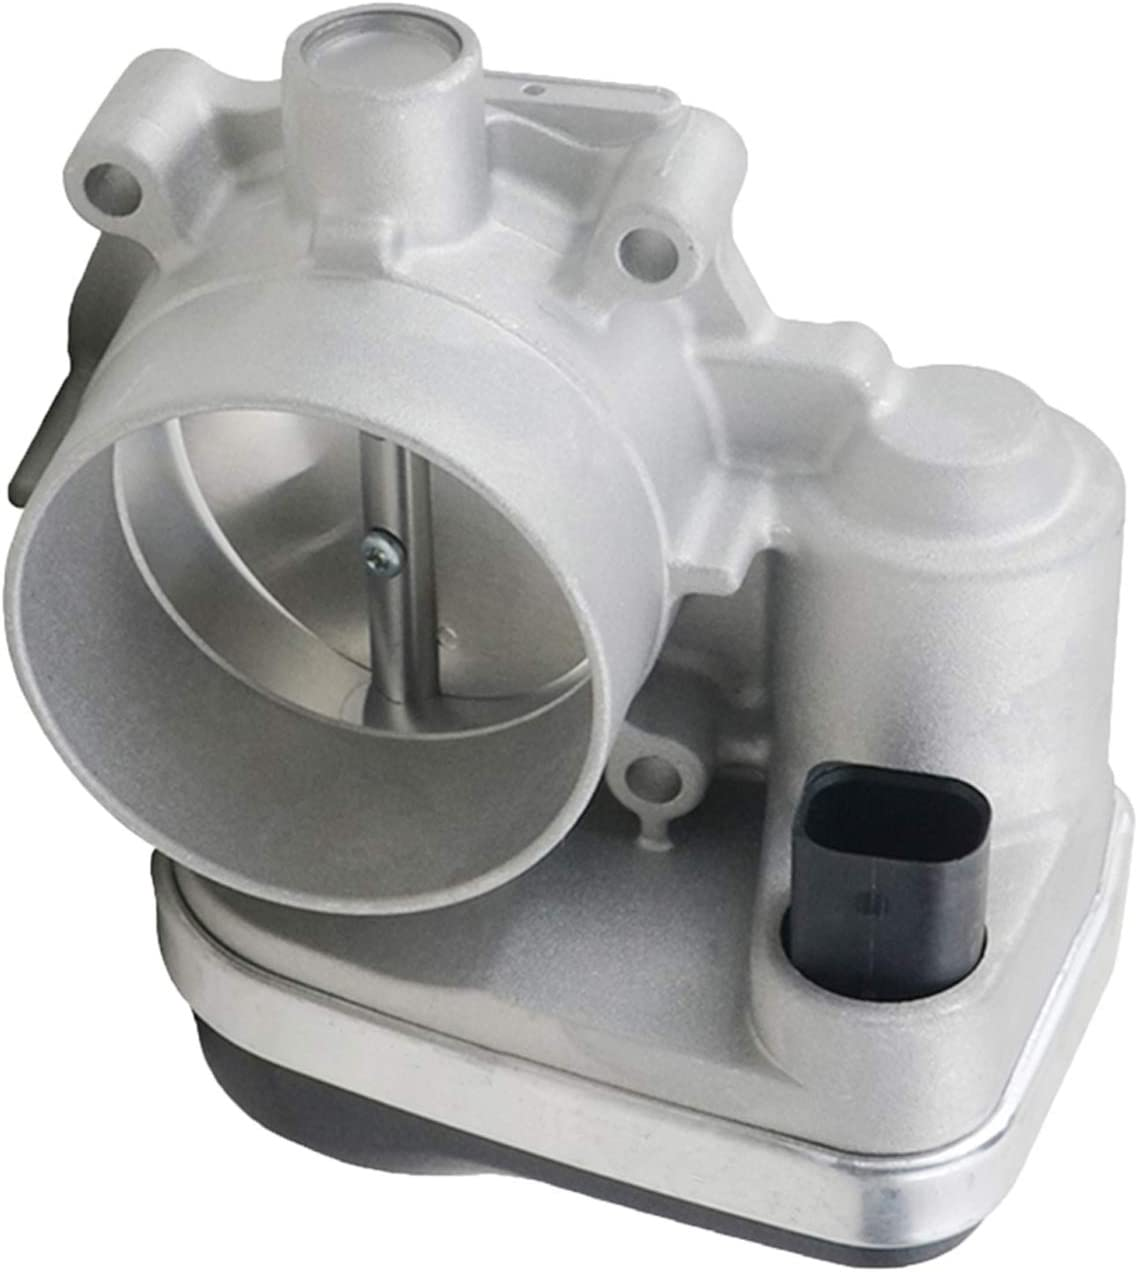 GELUOXI Throttle Body 04591844AC 4591844AC for Chry sler 300 Pacifica Sebring Dodge Avenger Charger Nitro Challenger 2.7L 3.5L V6